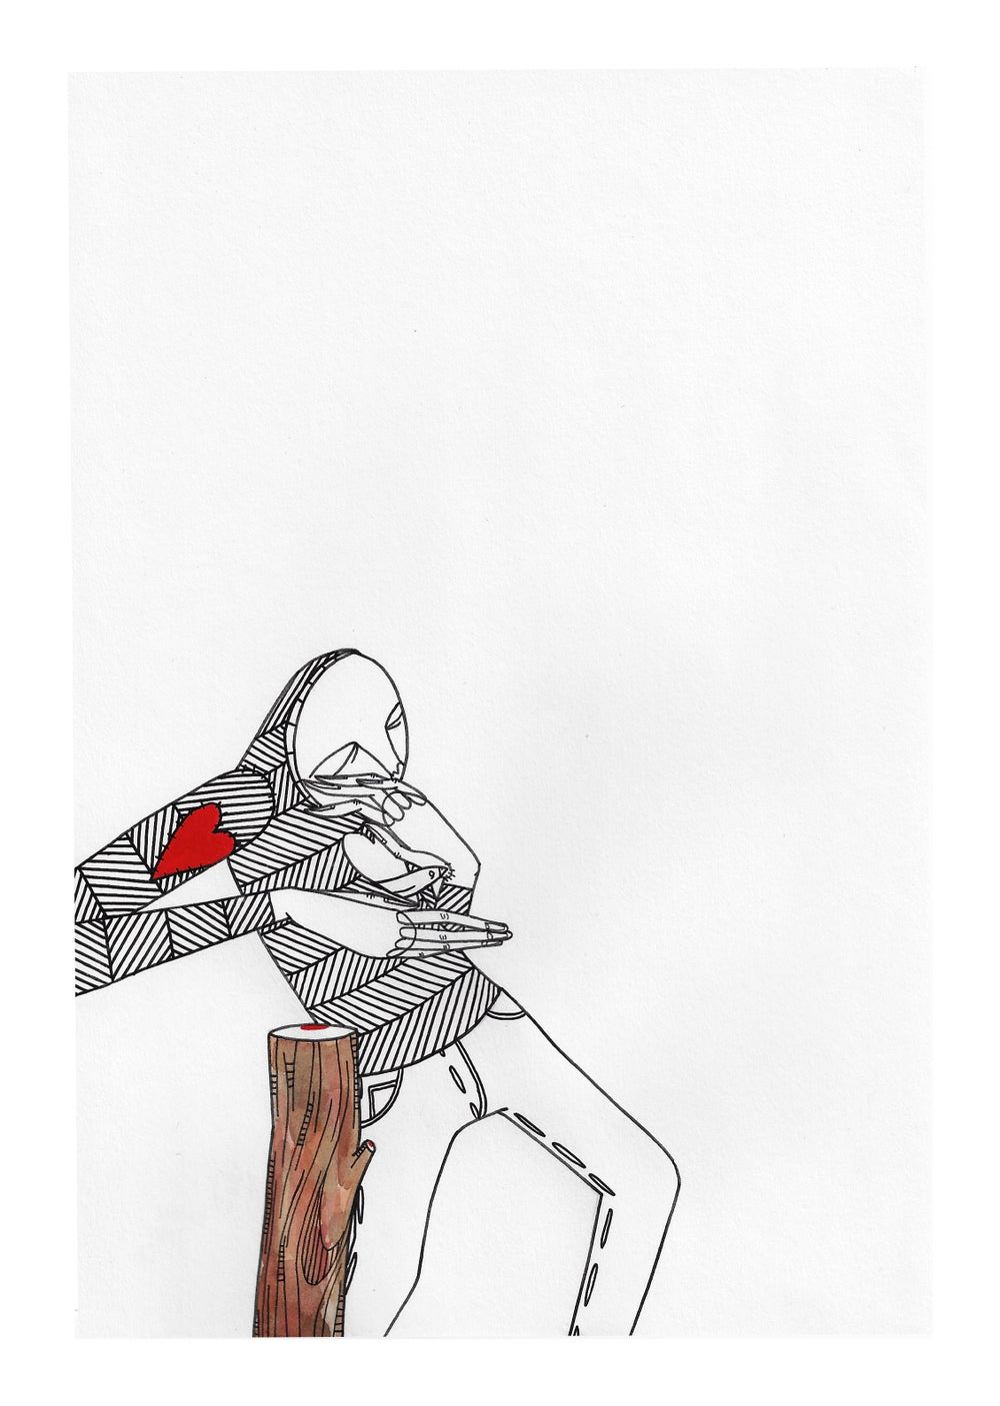 Image of 'Sheltered' (Original Artwork)